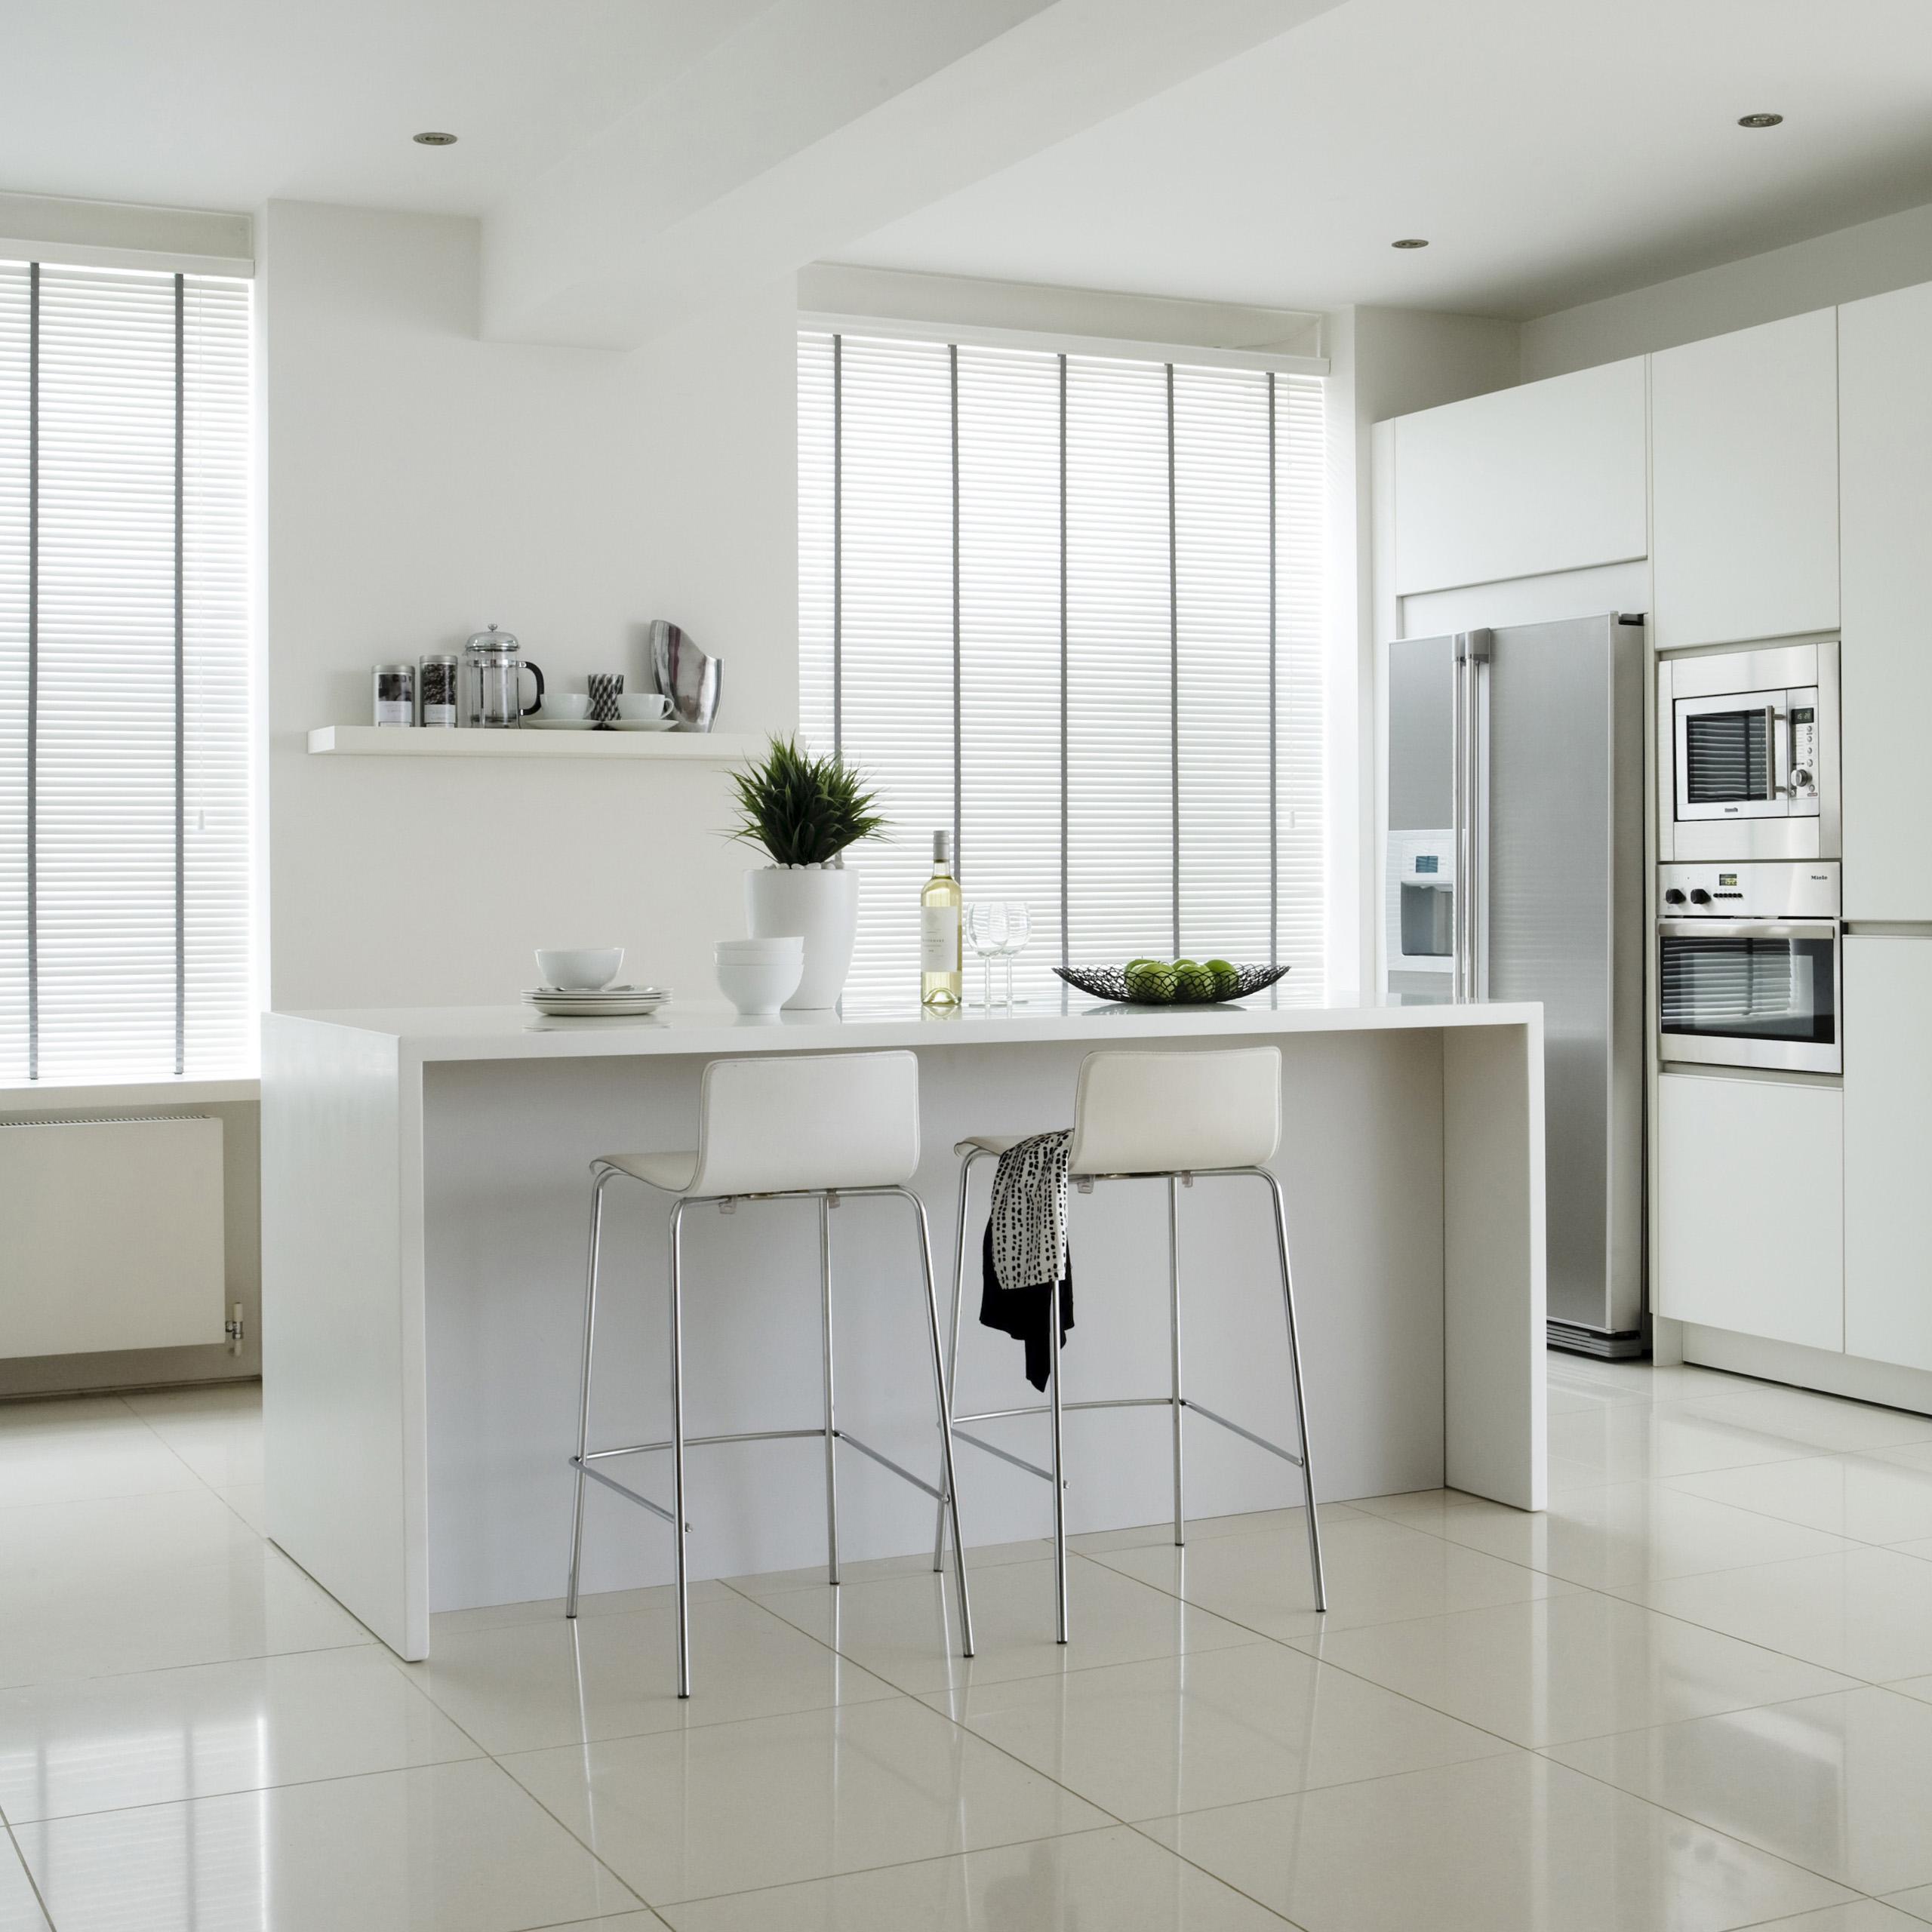 Eenvoudig schoon te maken raamdecoratie in de keuken